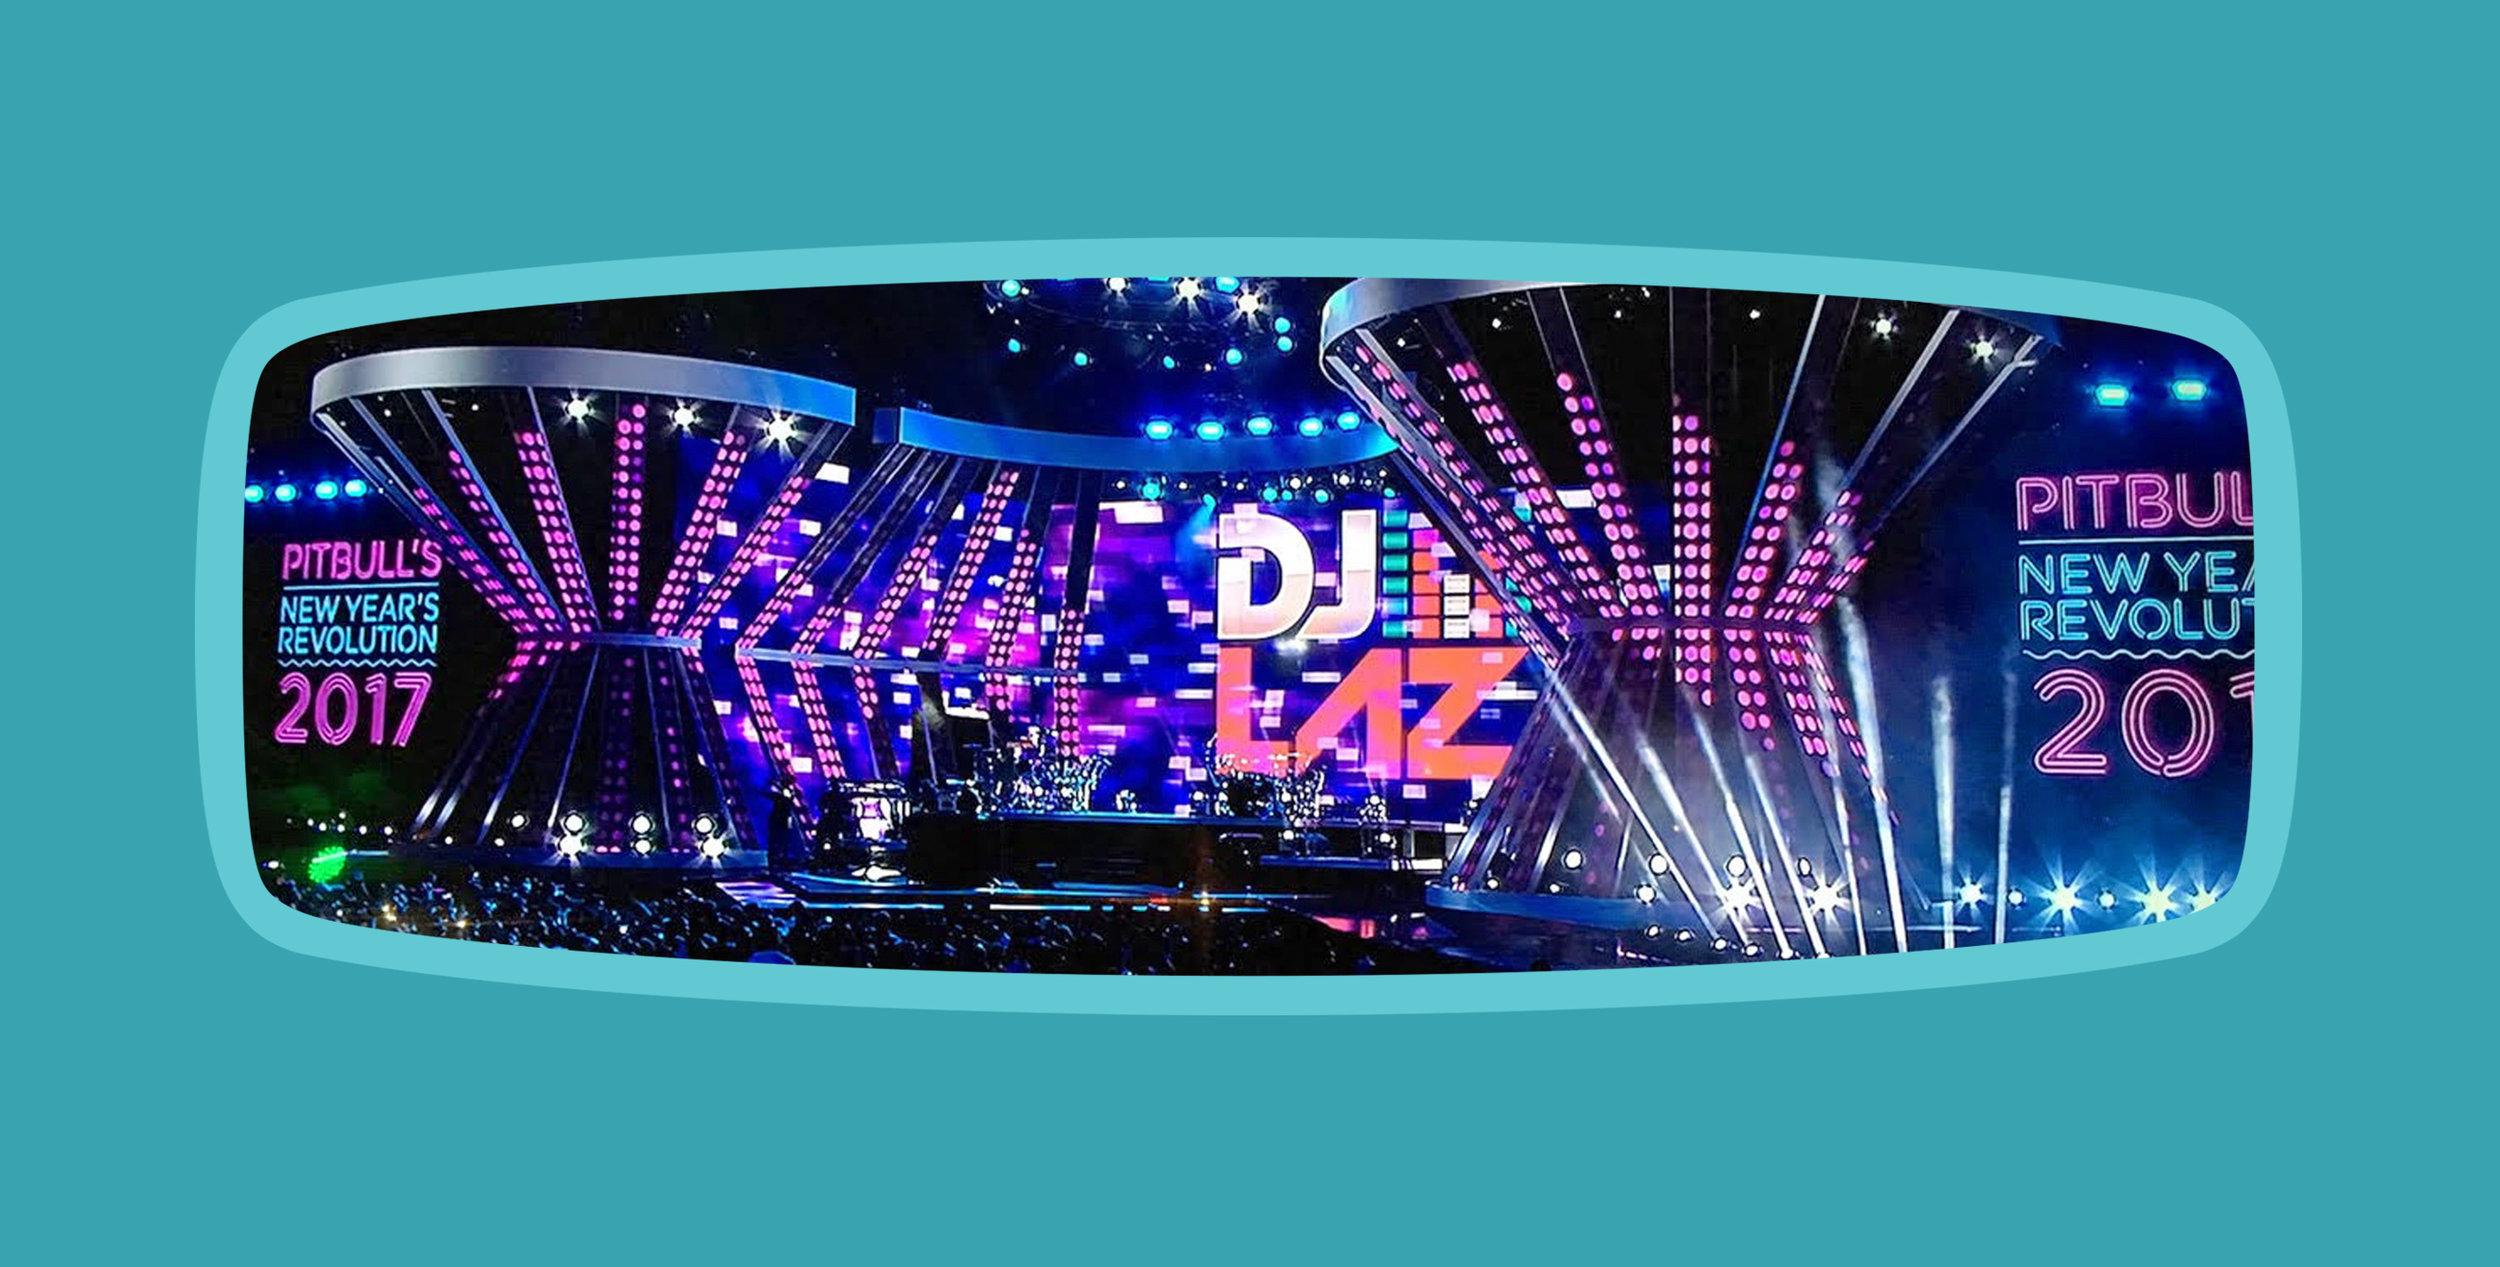 02017_PBTV_Header-Banner_PitbullNYERevolution.jpg